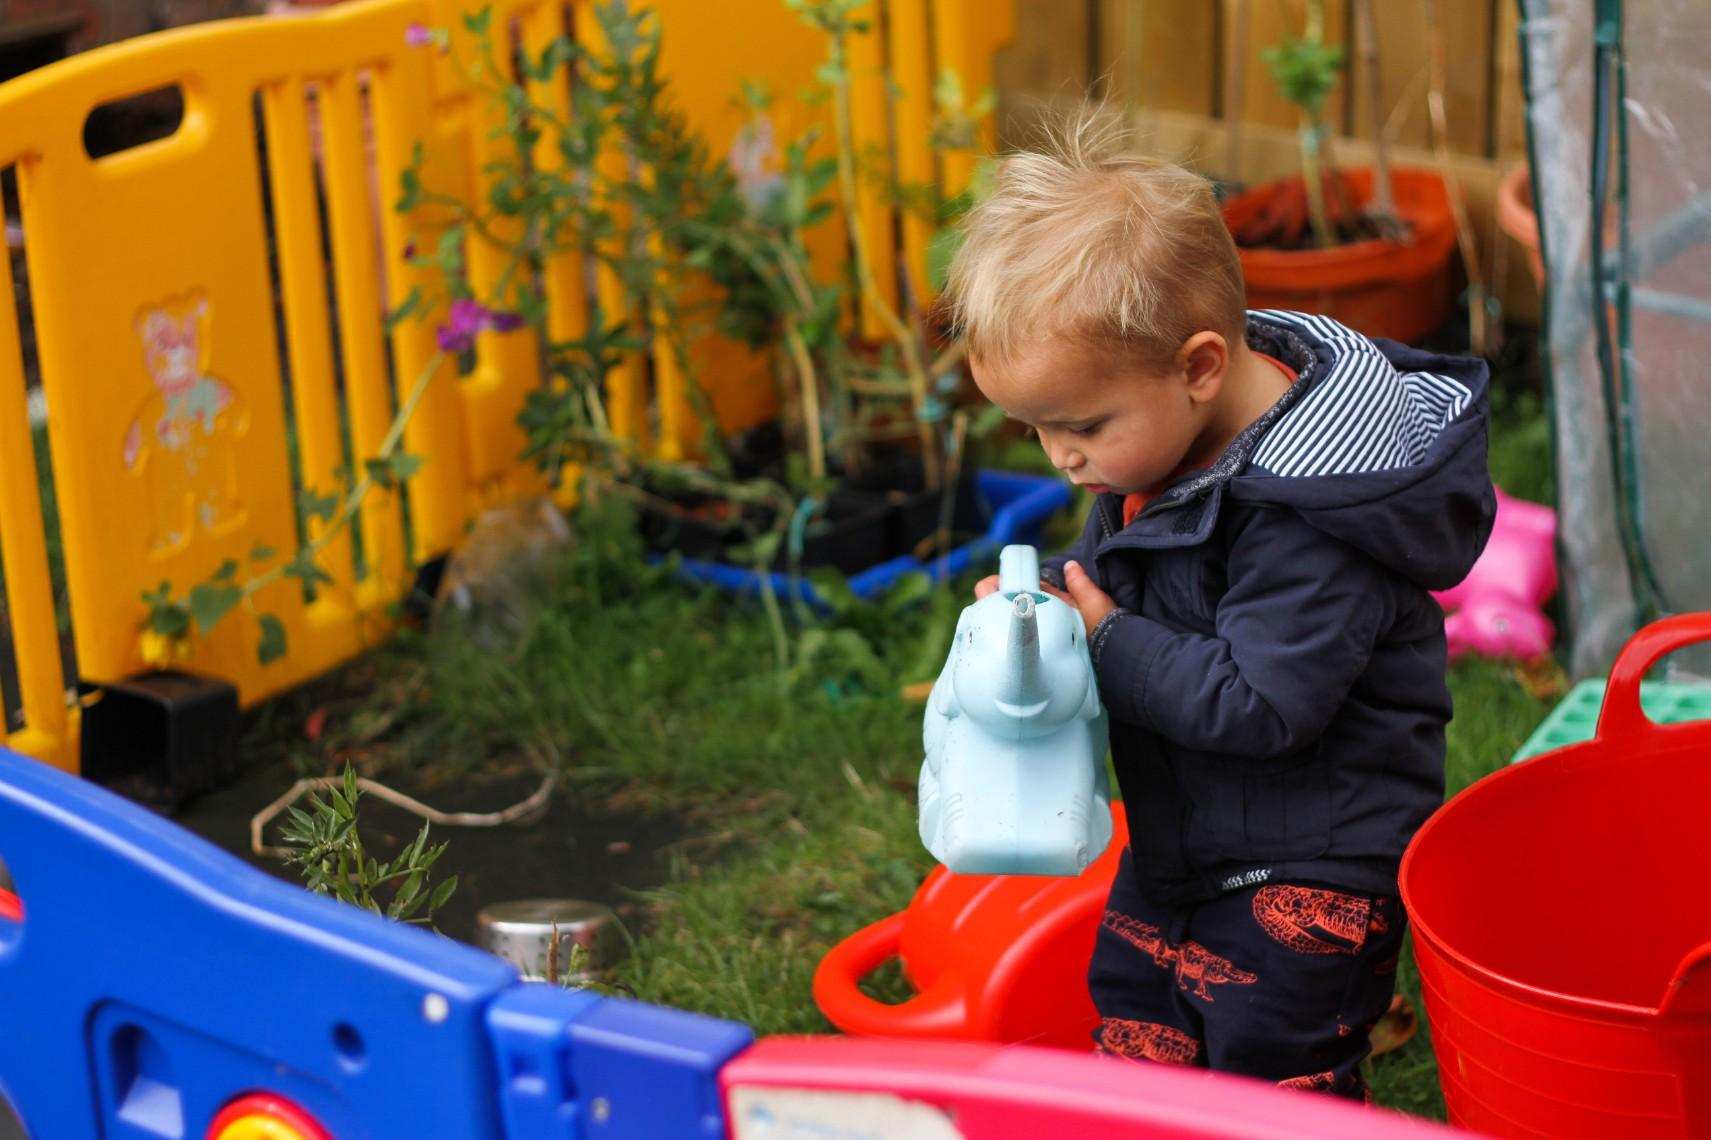 Nether Green Nursery - Sheffield